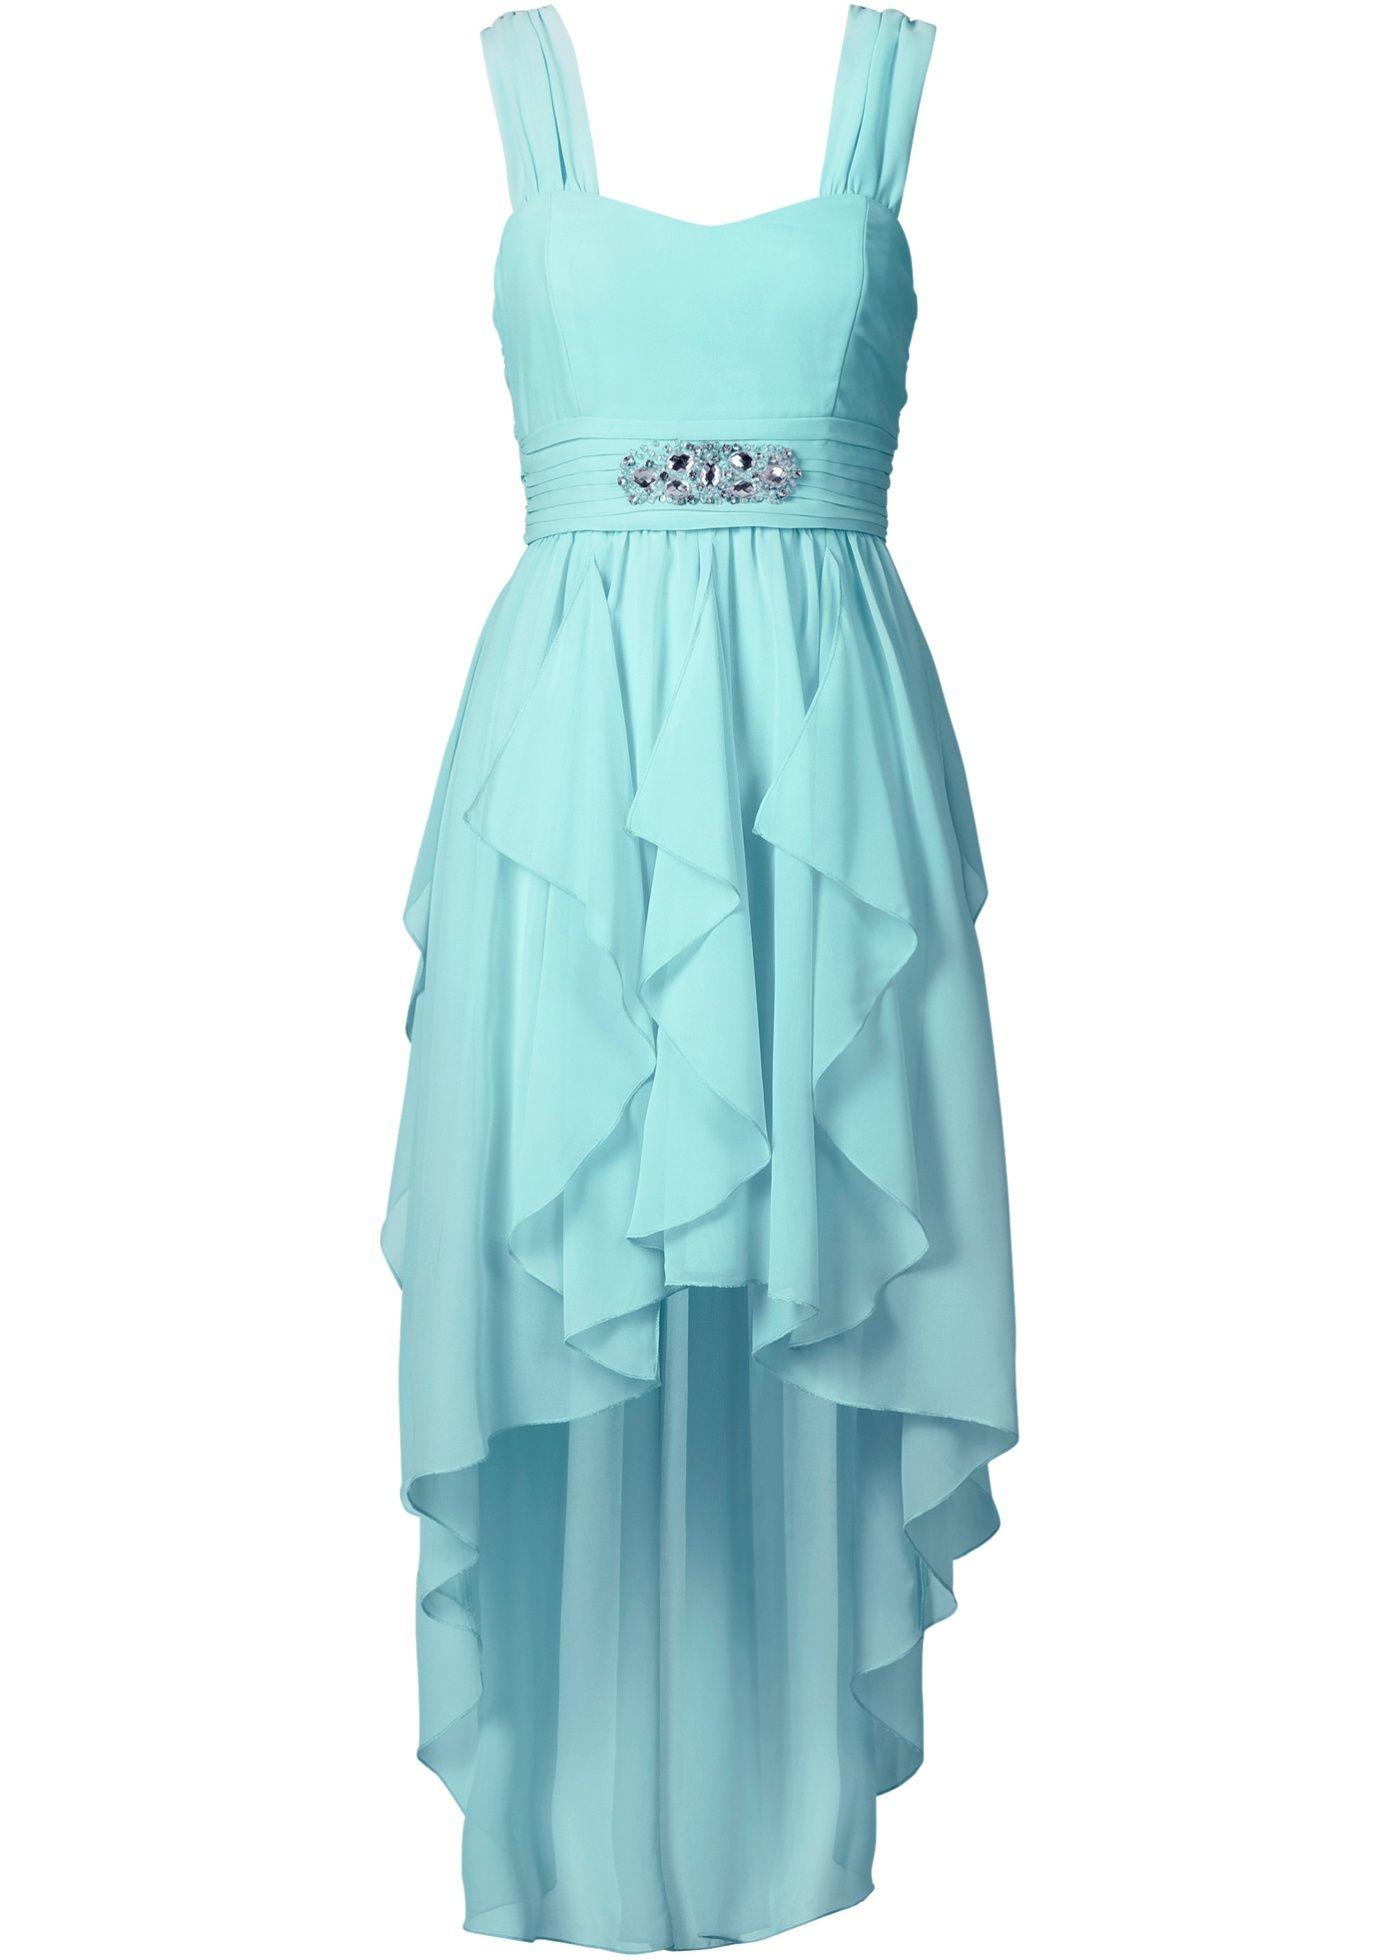 Geschmackvolles Kleid mit Schmucksteinen   Online shops, Zum ...